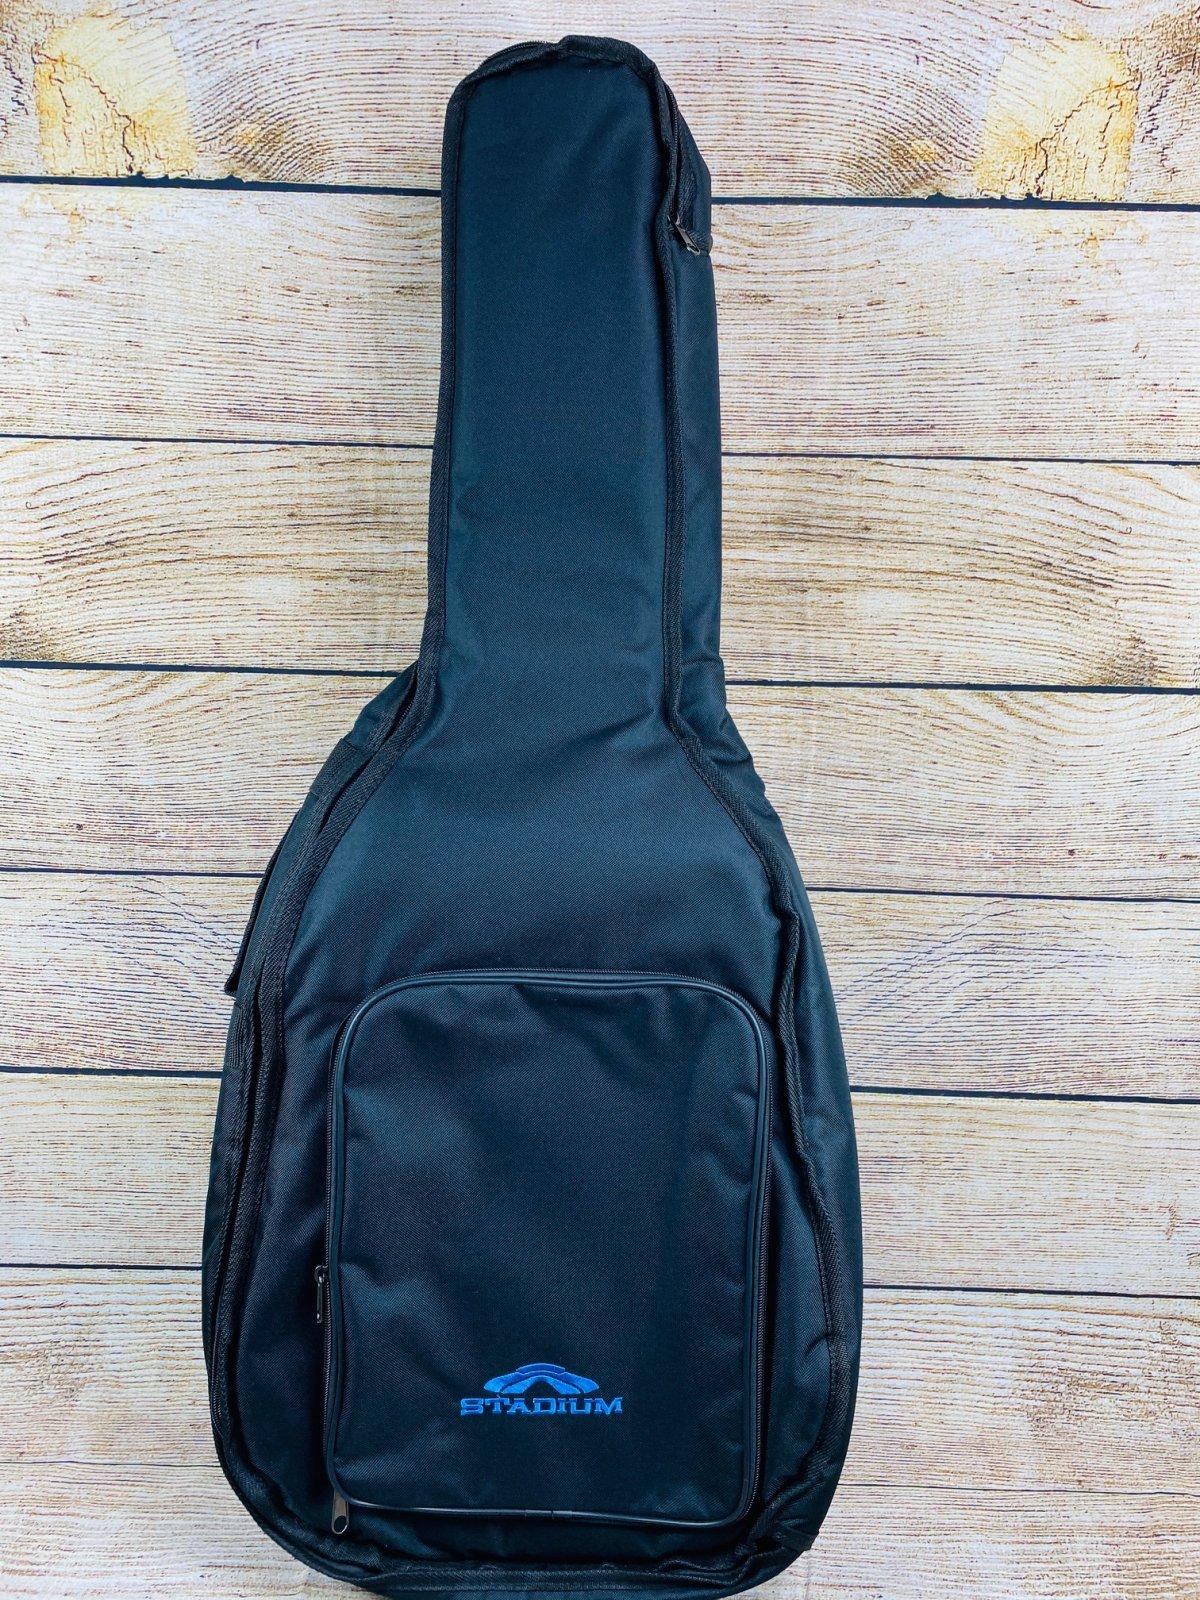 Stadium Acoustic Guitar Gig Bag - 3/4 size